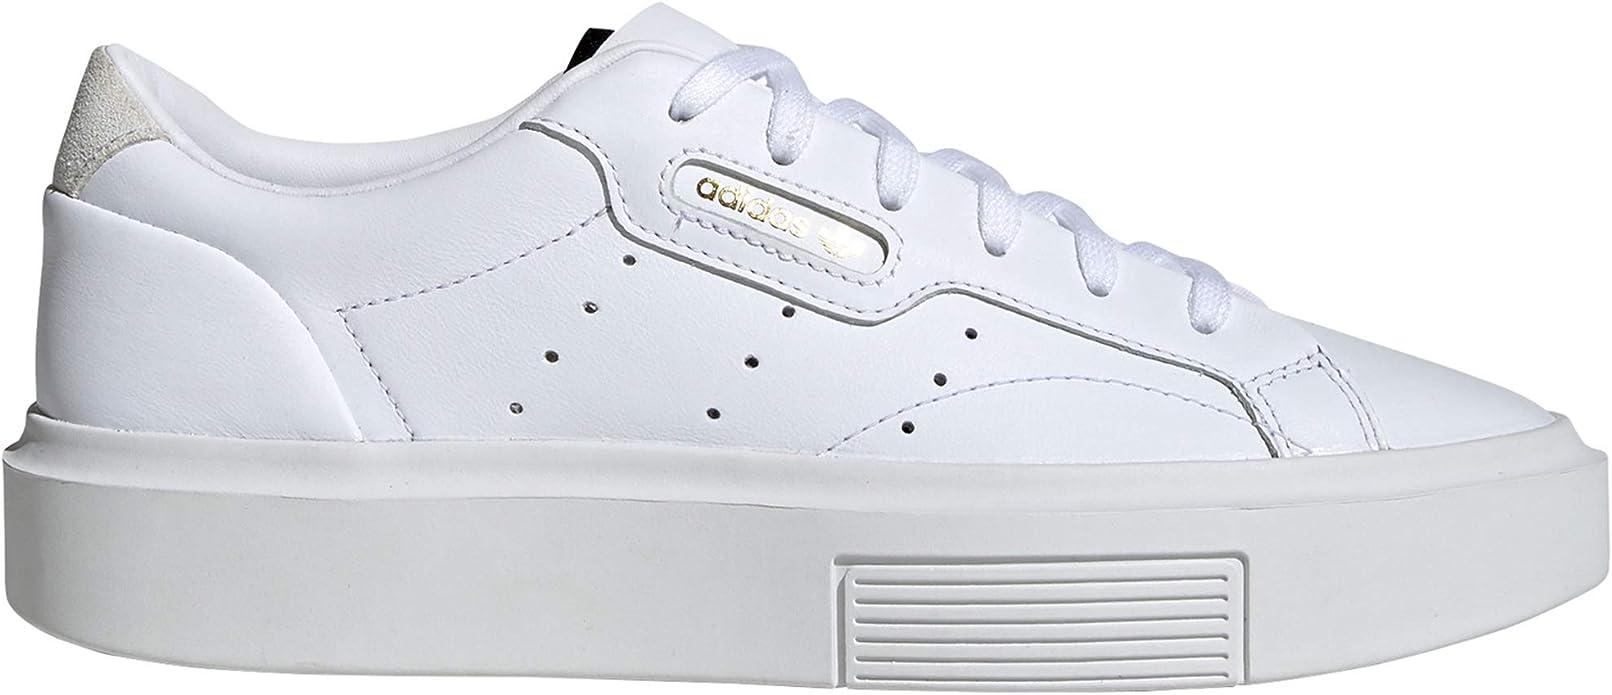 adidas Sleek Blancas y Rosas, Zapatillas Deportivas para ...